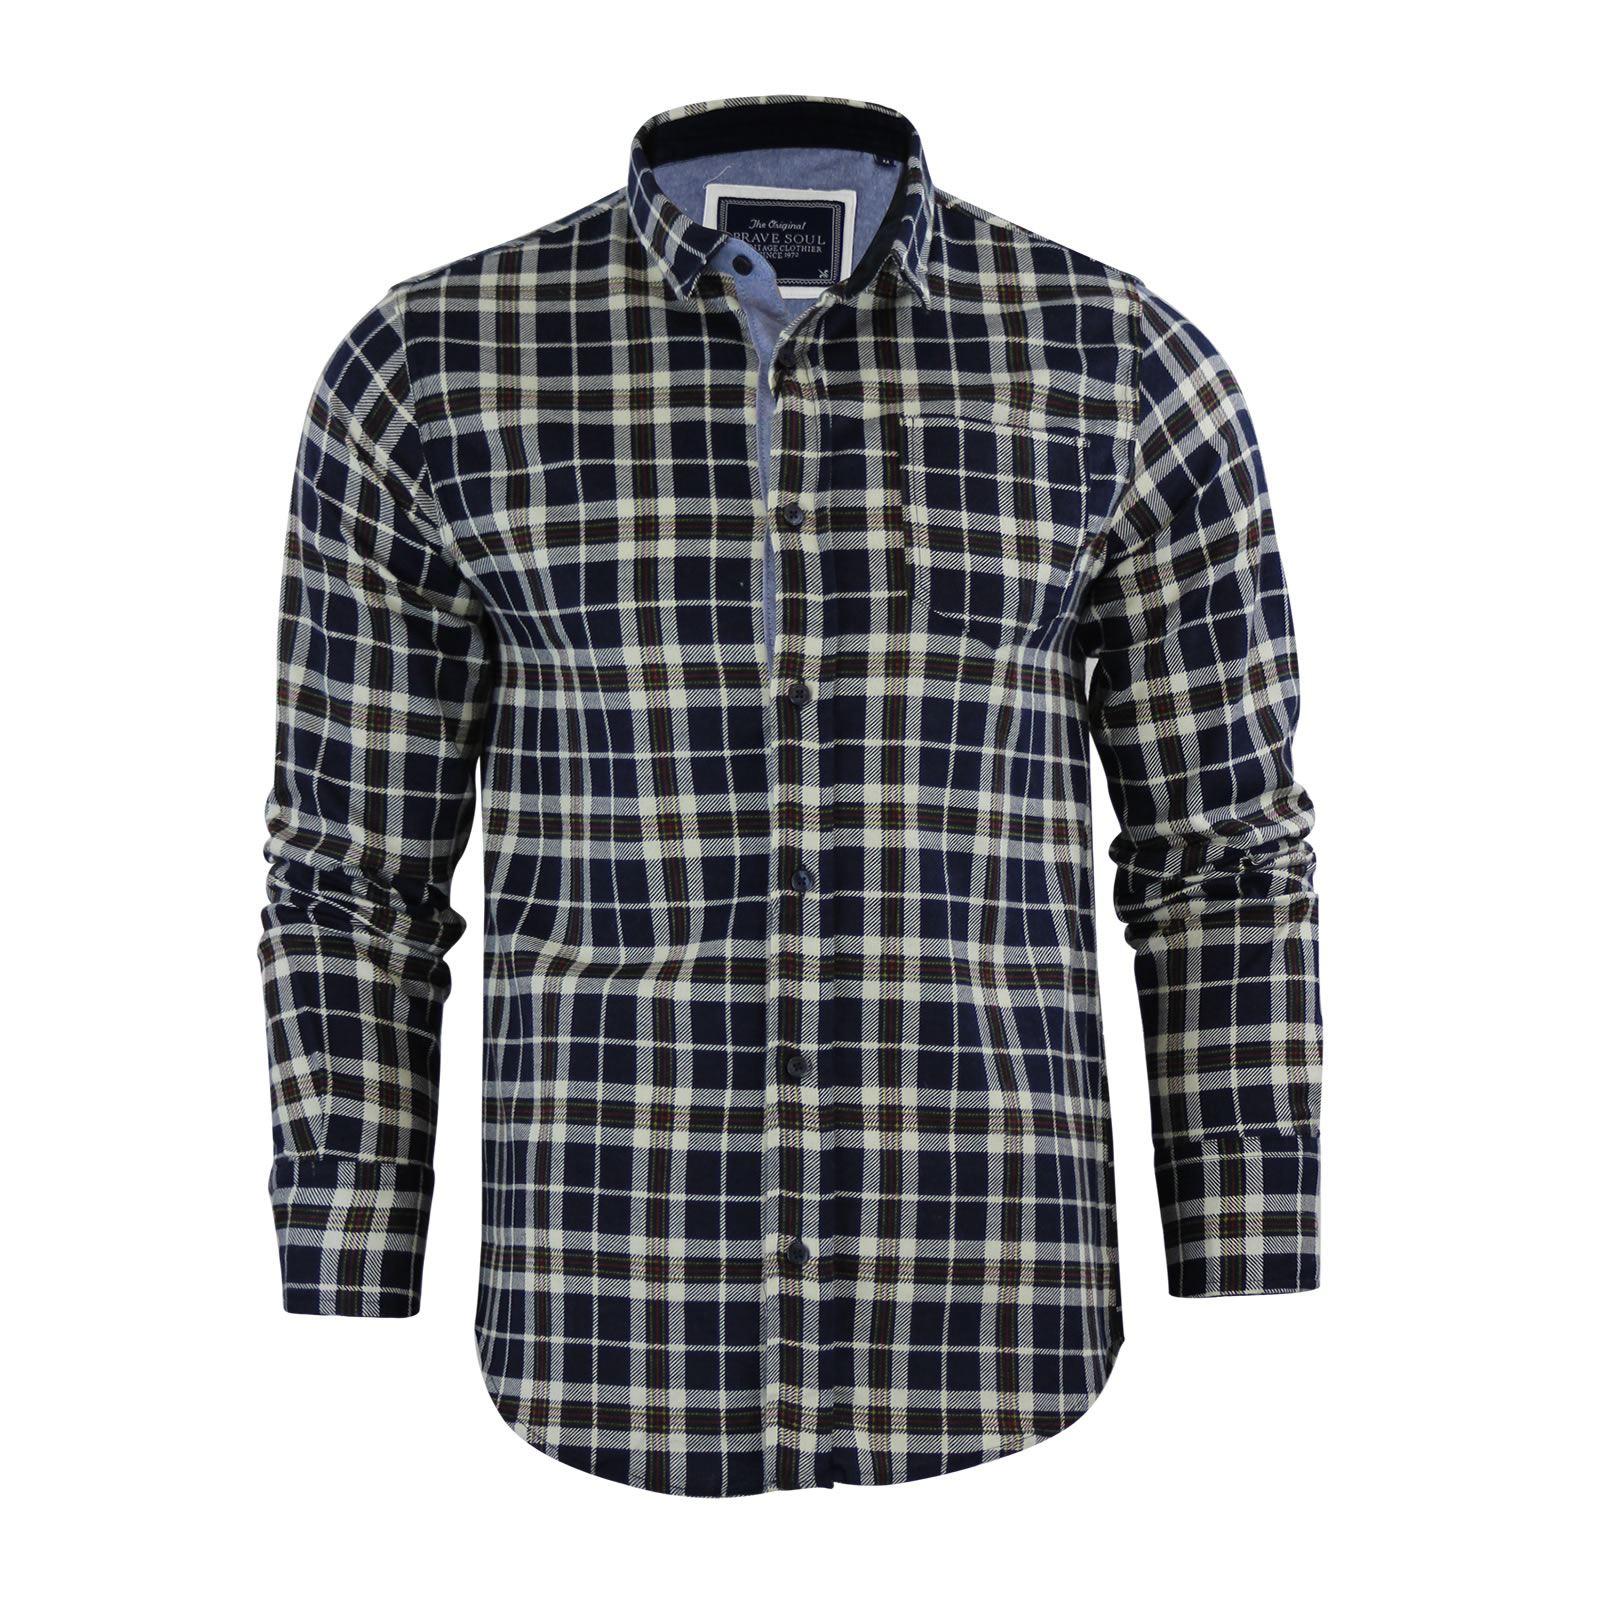 Alma-VALIENTE-HOMBRE-compruebe-Camisa-Algodon-Cepillado-De-Franela-Top-Manga-Larga-Casual miniatura 71